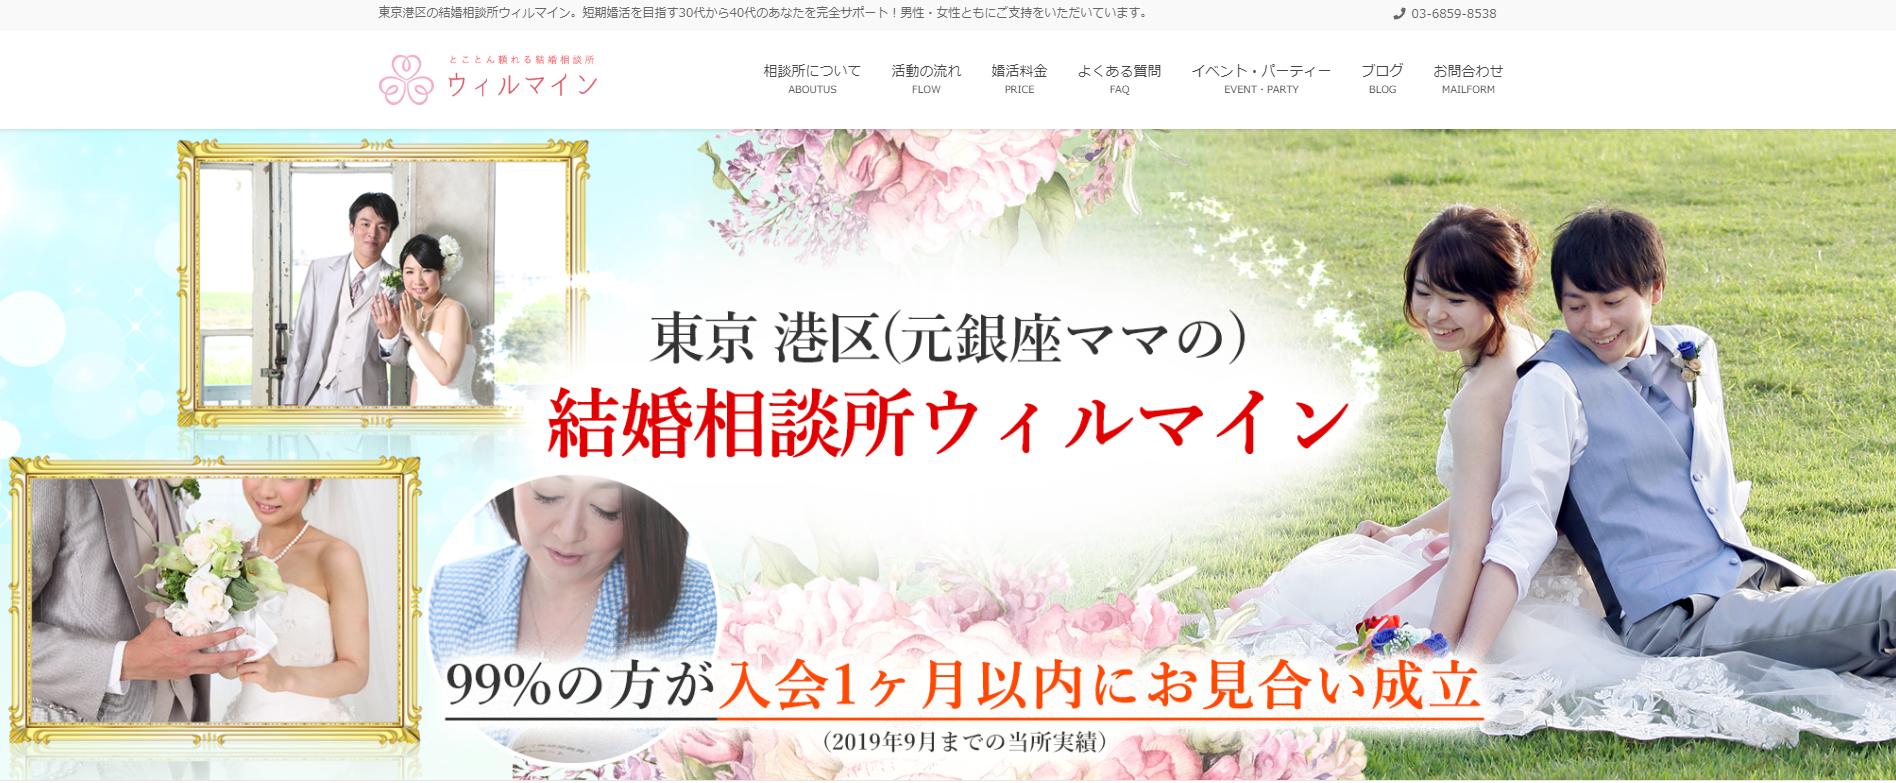 田町の結婚相談所ウィルマイン